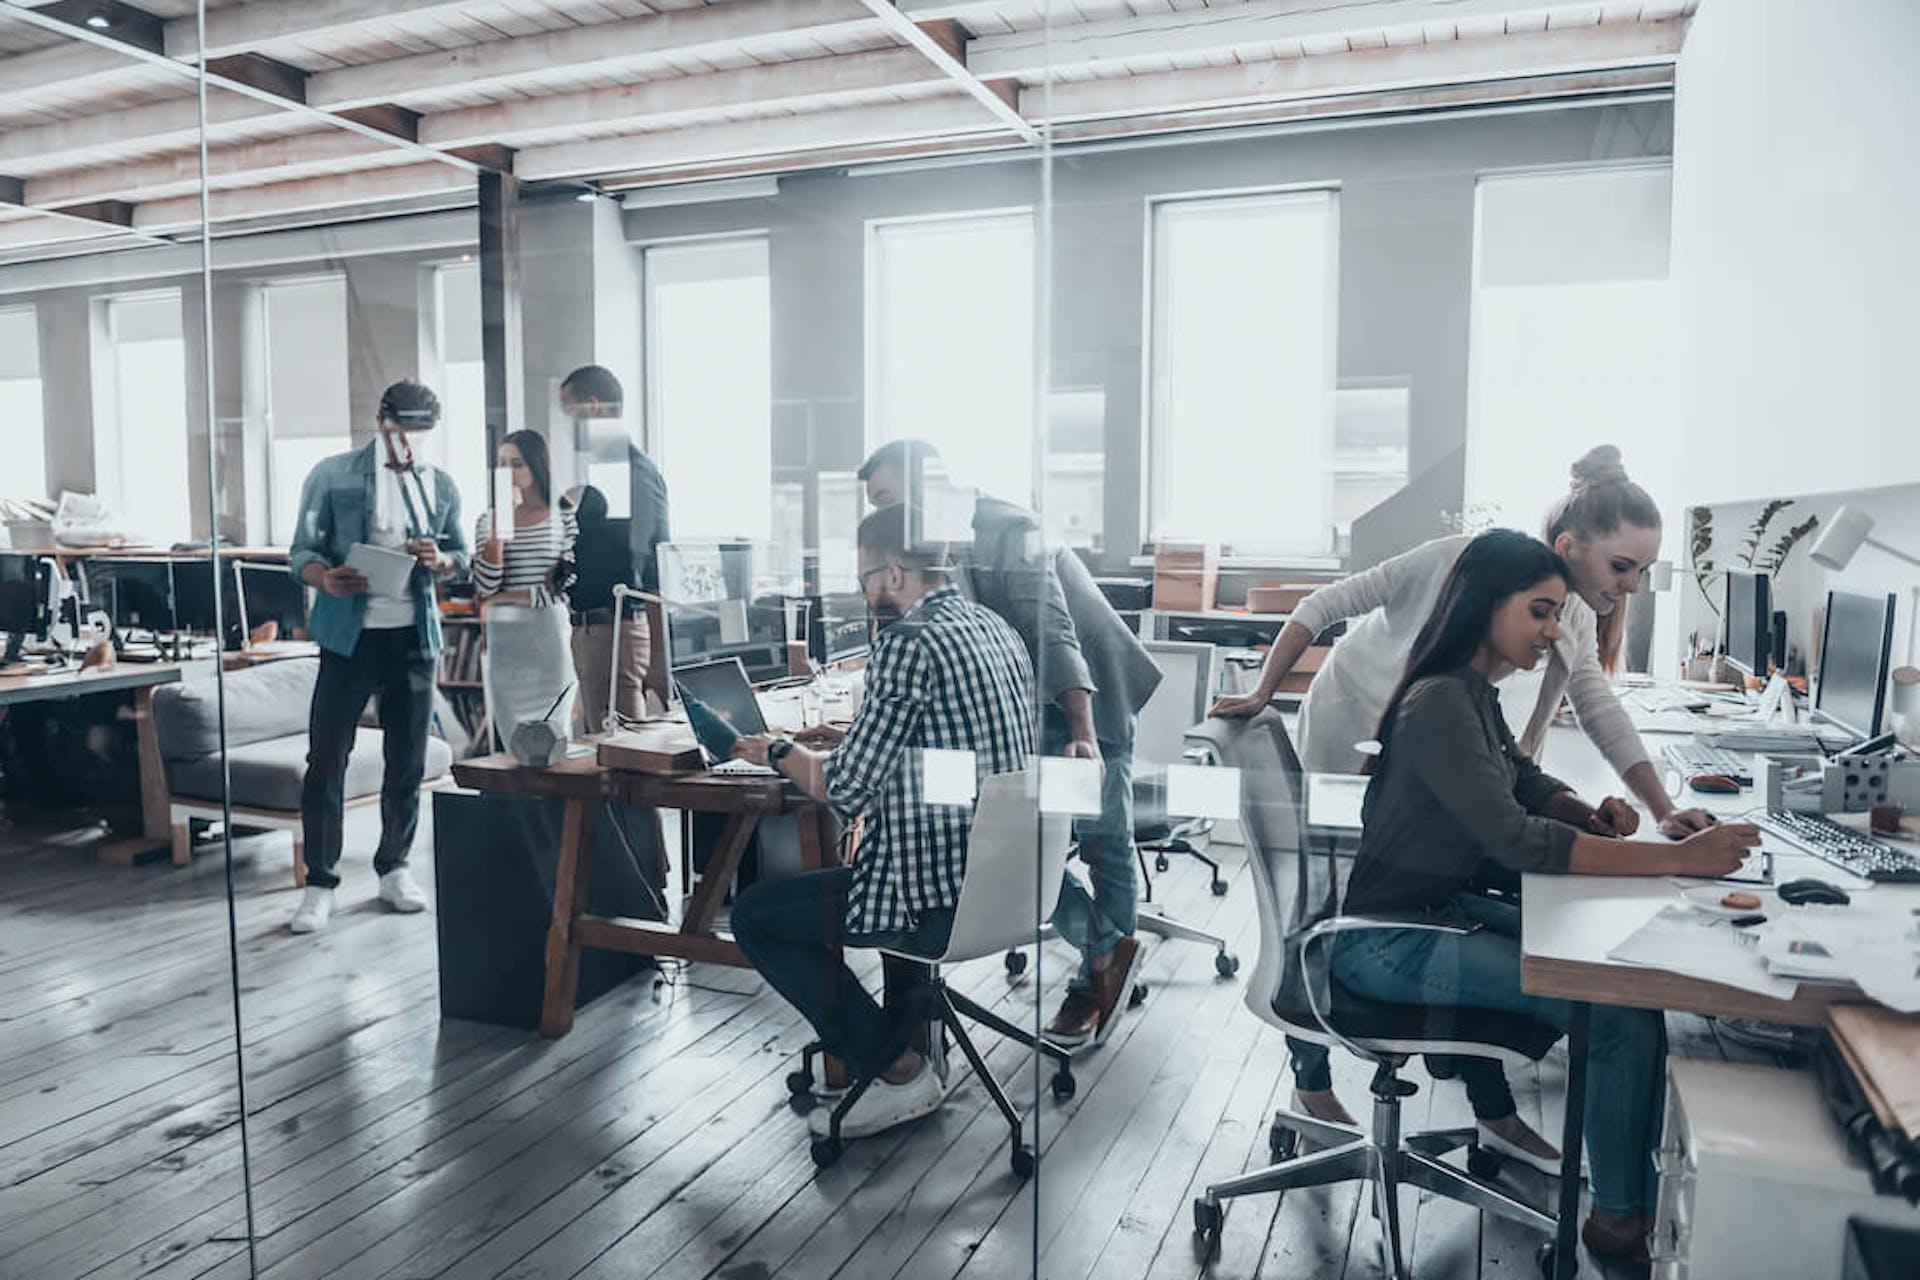 Man sieht eine Momentaufnahme einer Office Scene. Dies ist das Titelbild für unseren Benchmarking Guide mit 5 Tipps zur Benchmark-Analyse.